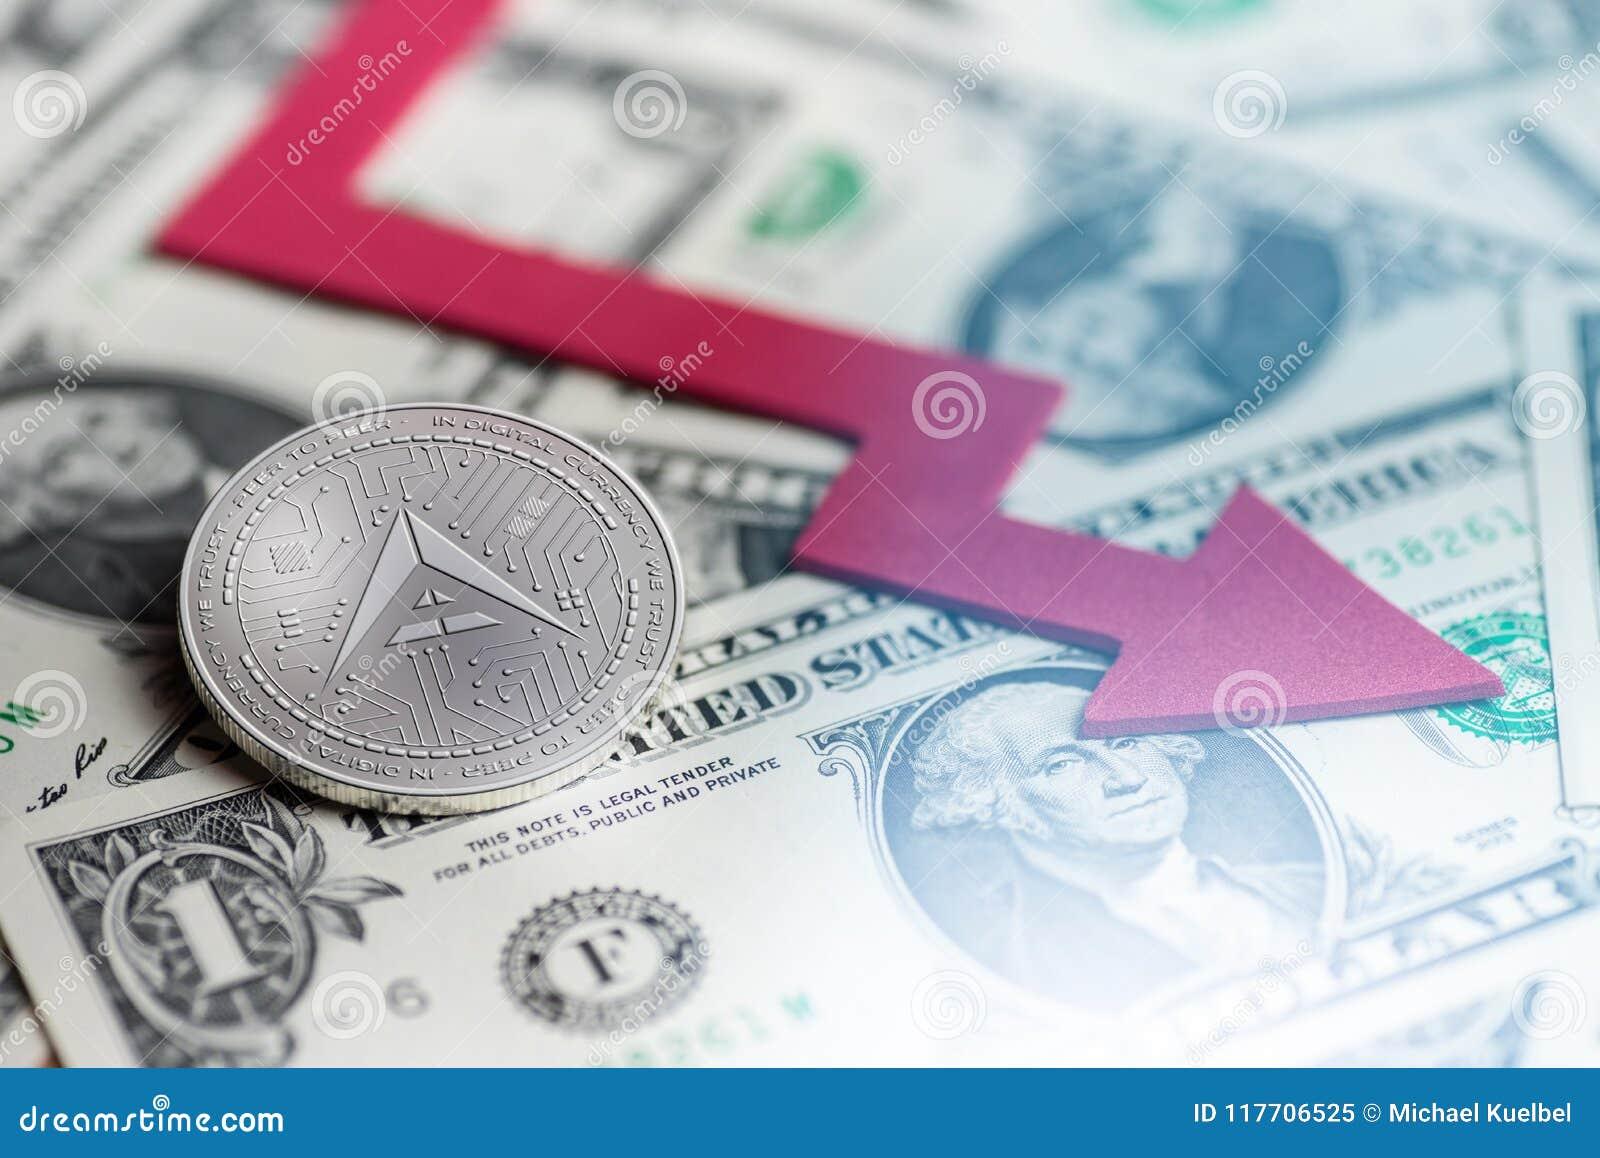 Λαμπρό ασημένιο νόμισμα cryptocurrency ΚΙΒΩΤΩΝ με την αρνητική διαγραμμάτων τρισδιάστατη απόδοση ελλείμματος συντριβής baisse μει